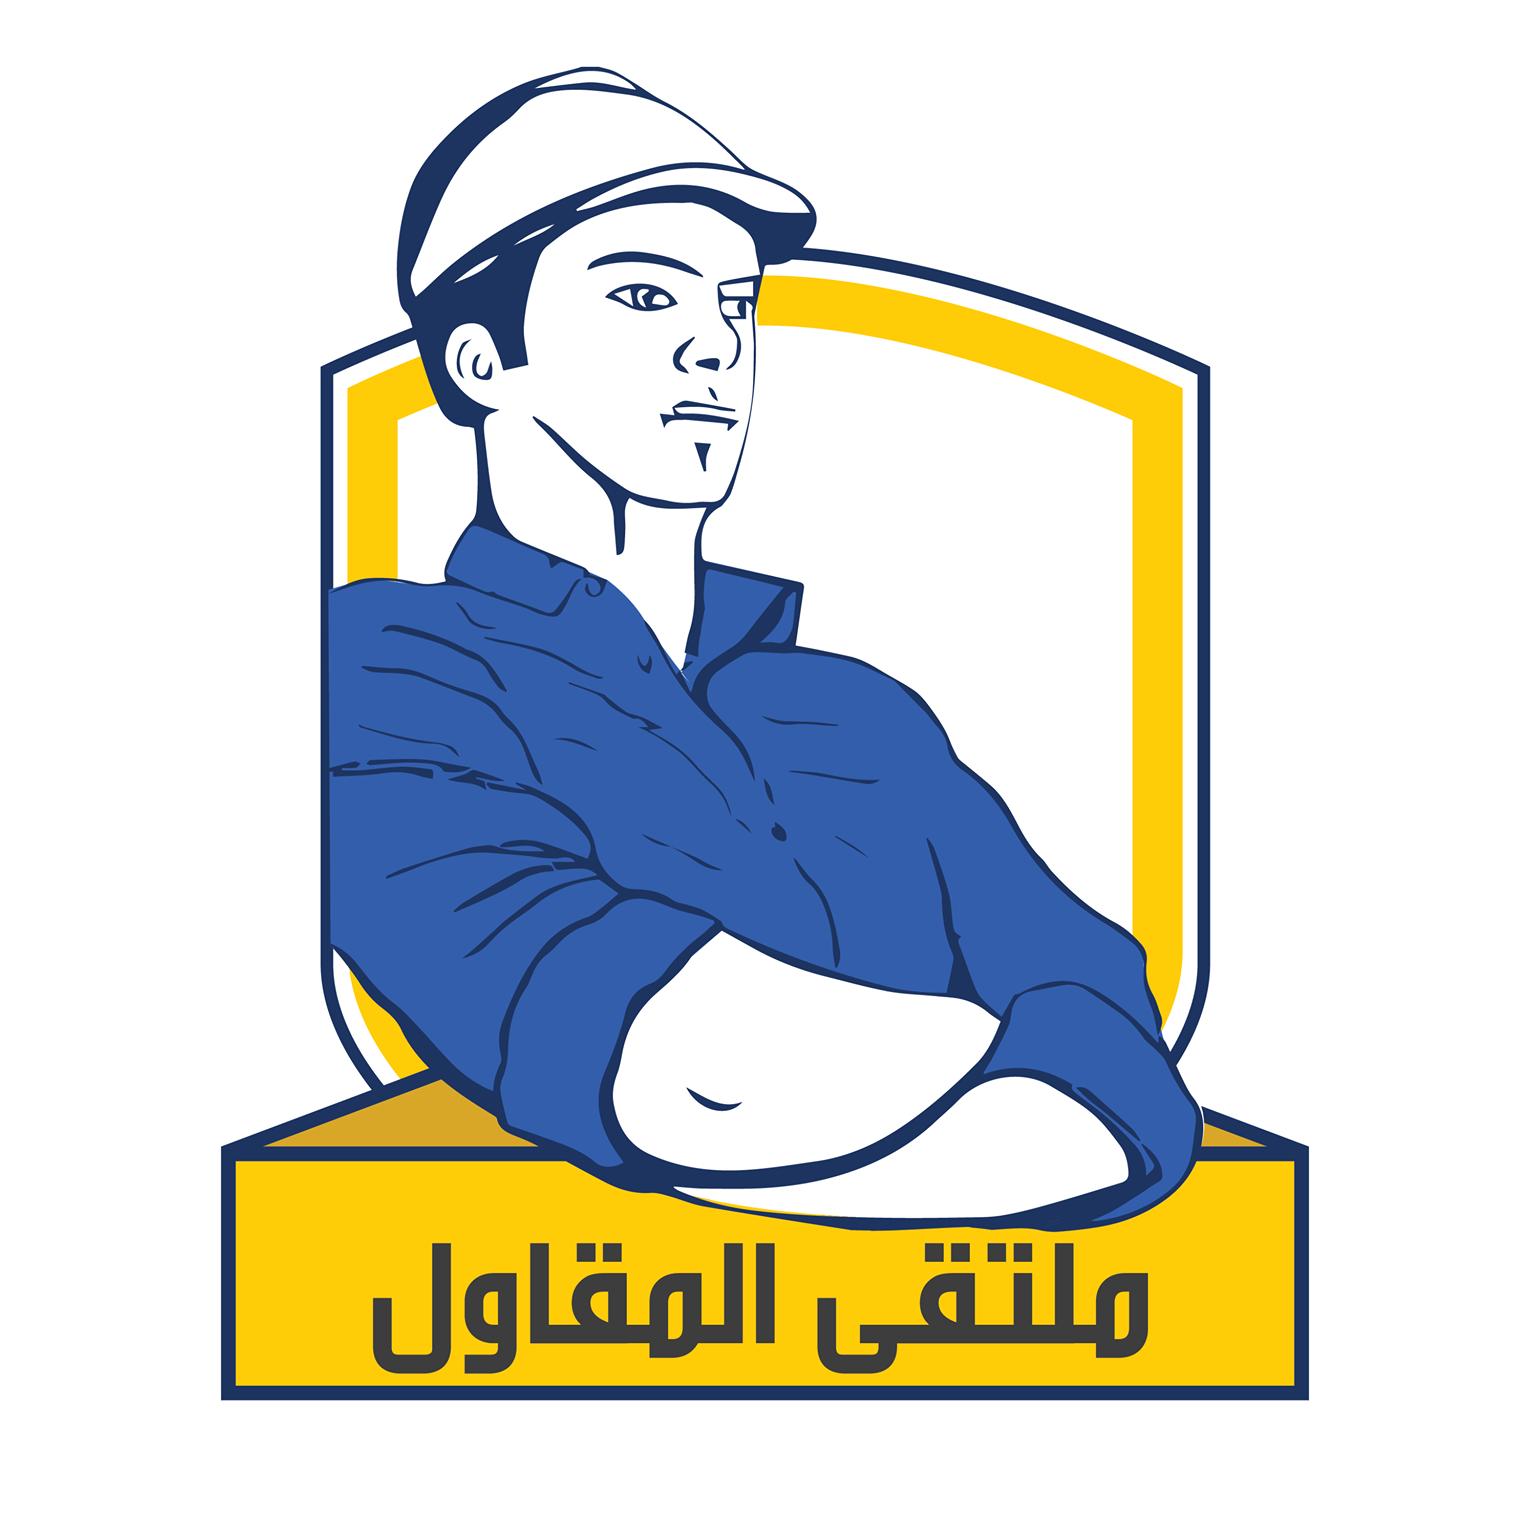 Al Moqawel